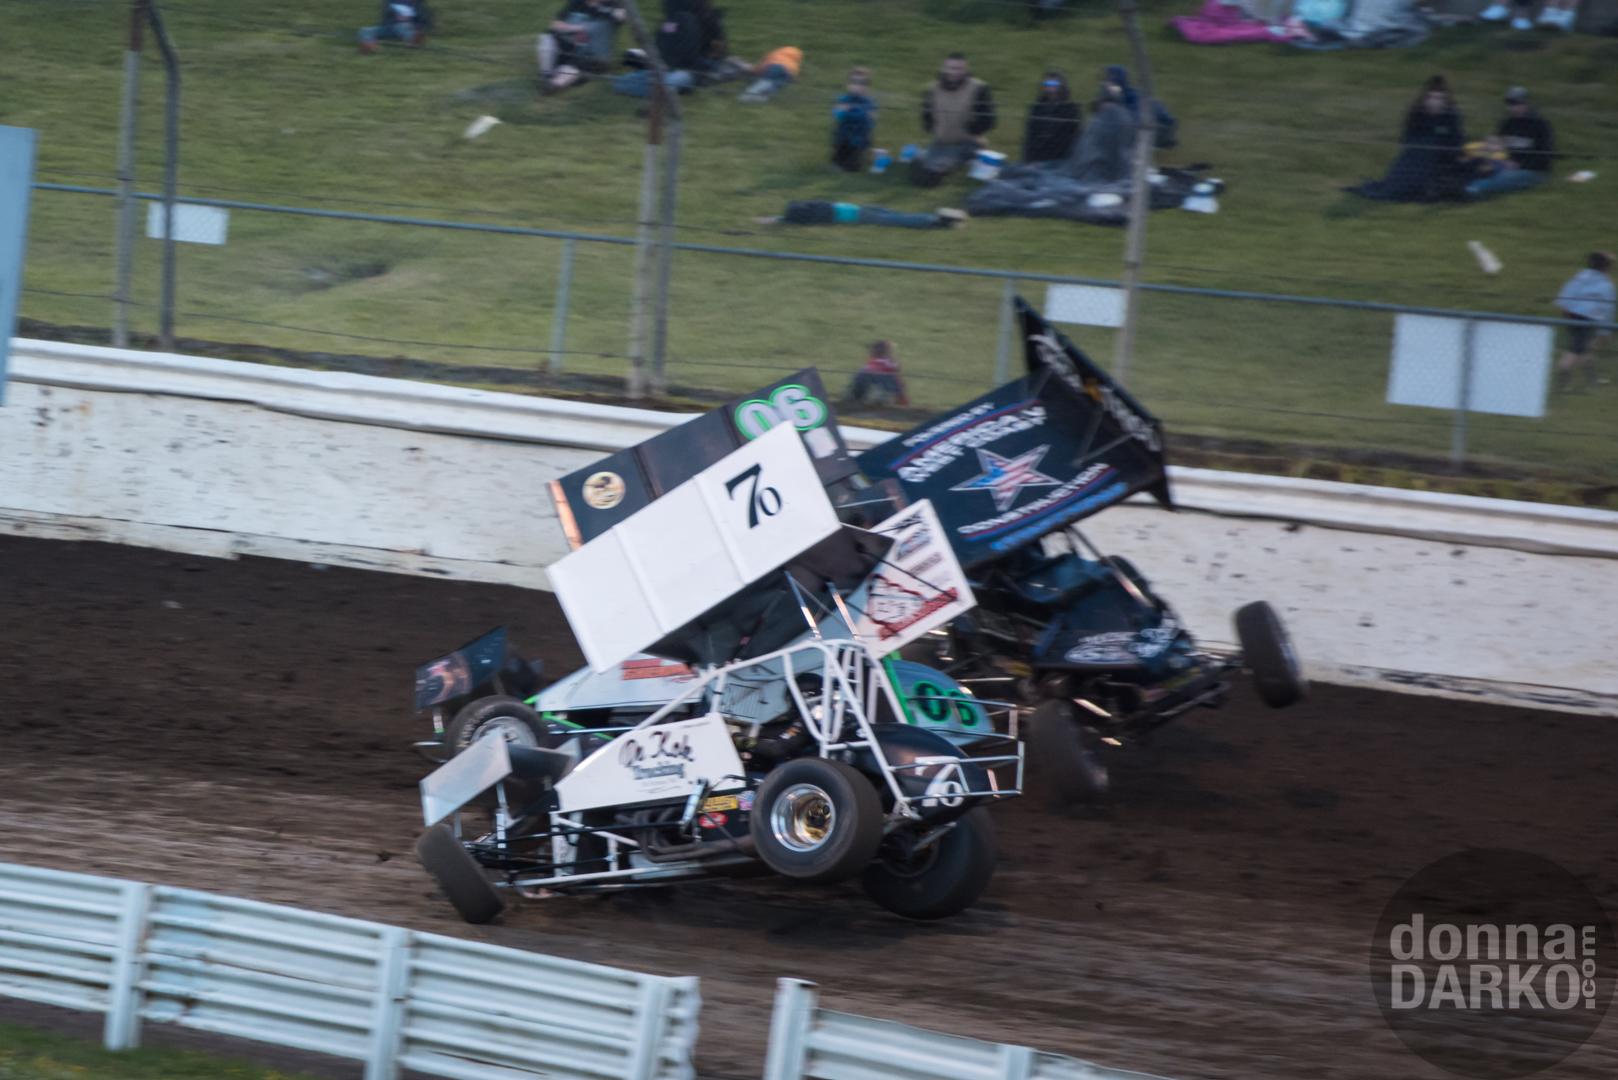 Sagit Speedway 6-8-19 -DSC_6335.jpg